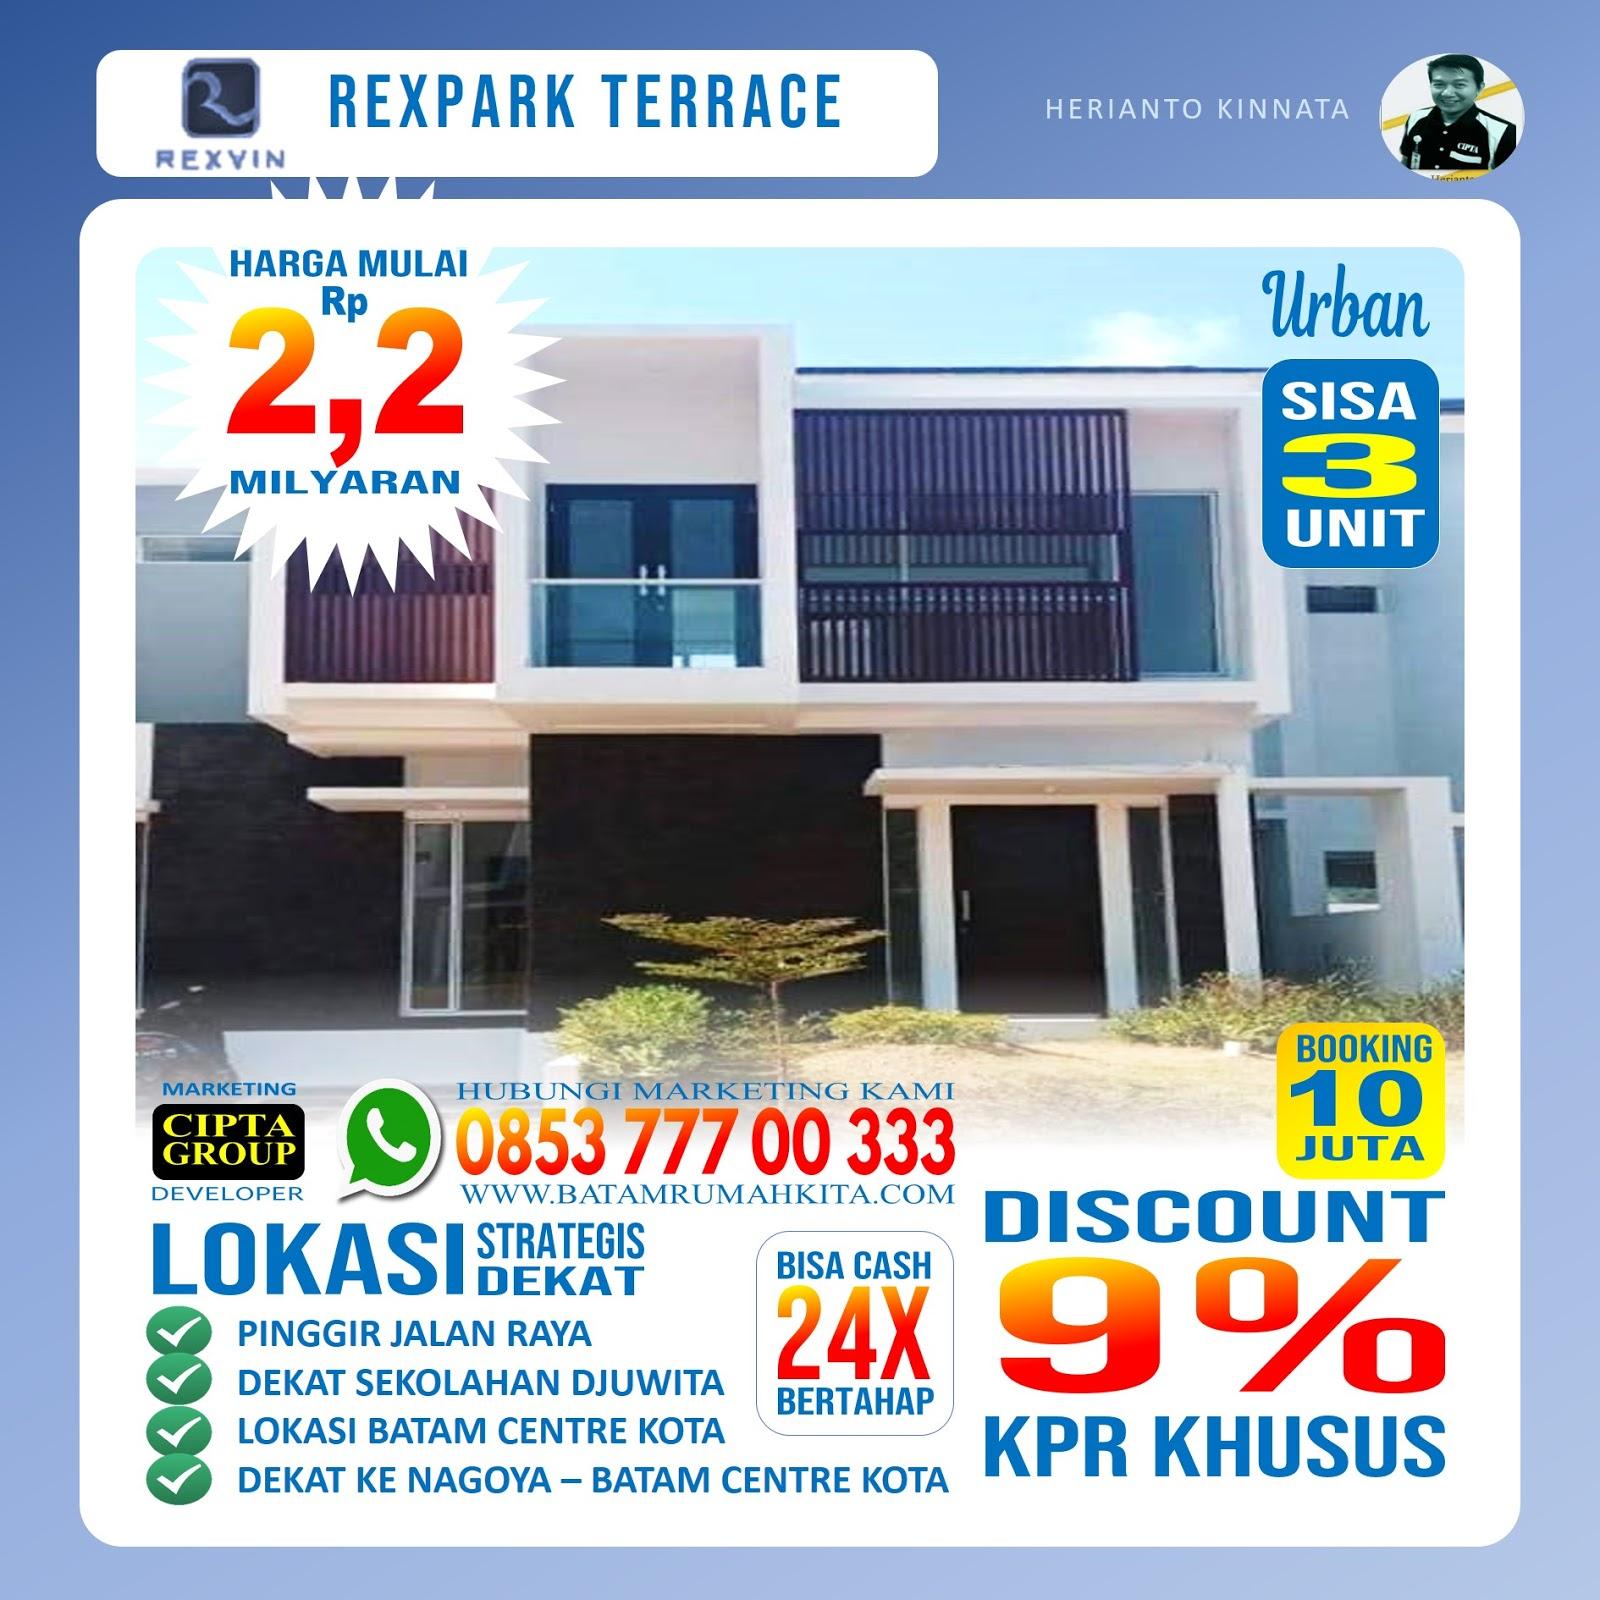 Perumahan Rexpark Terrace - Type urban -1